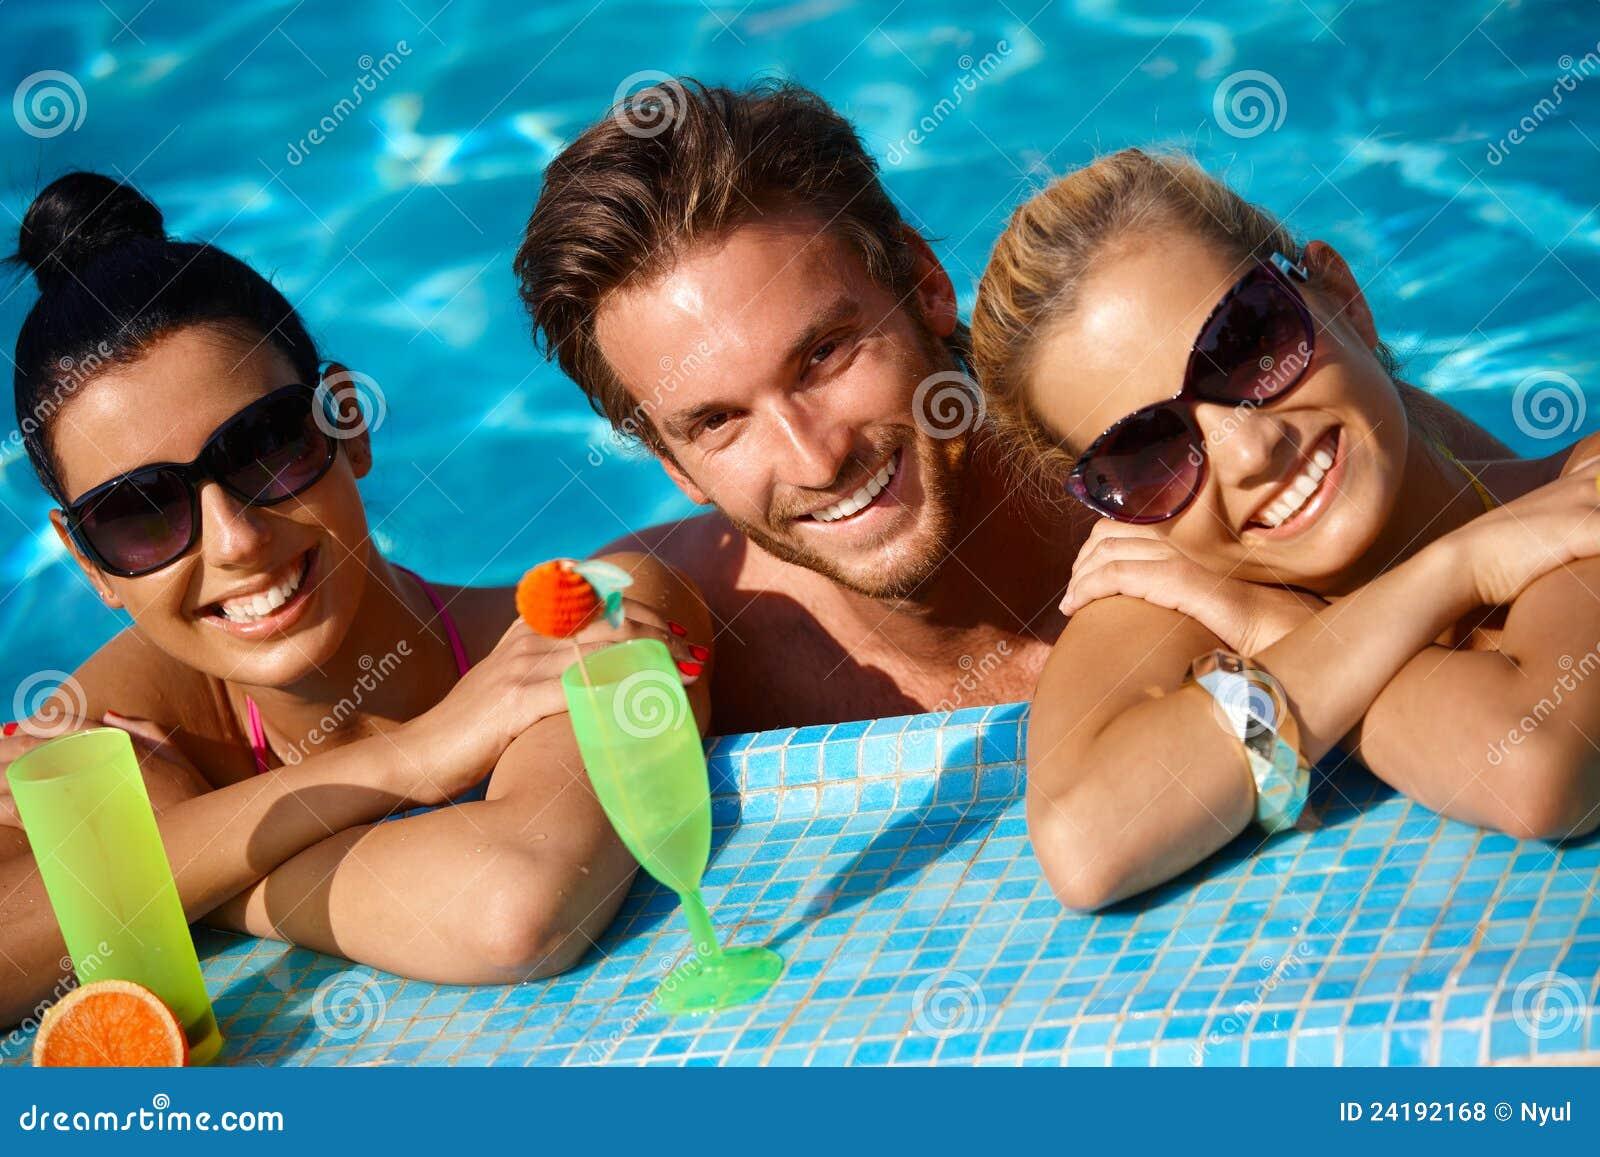 Personnes heureuses en vacances